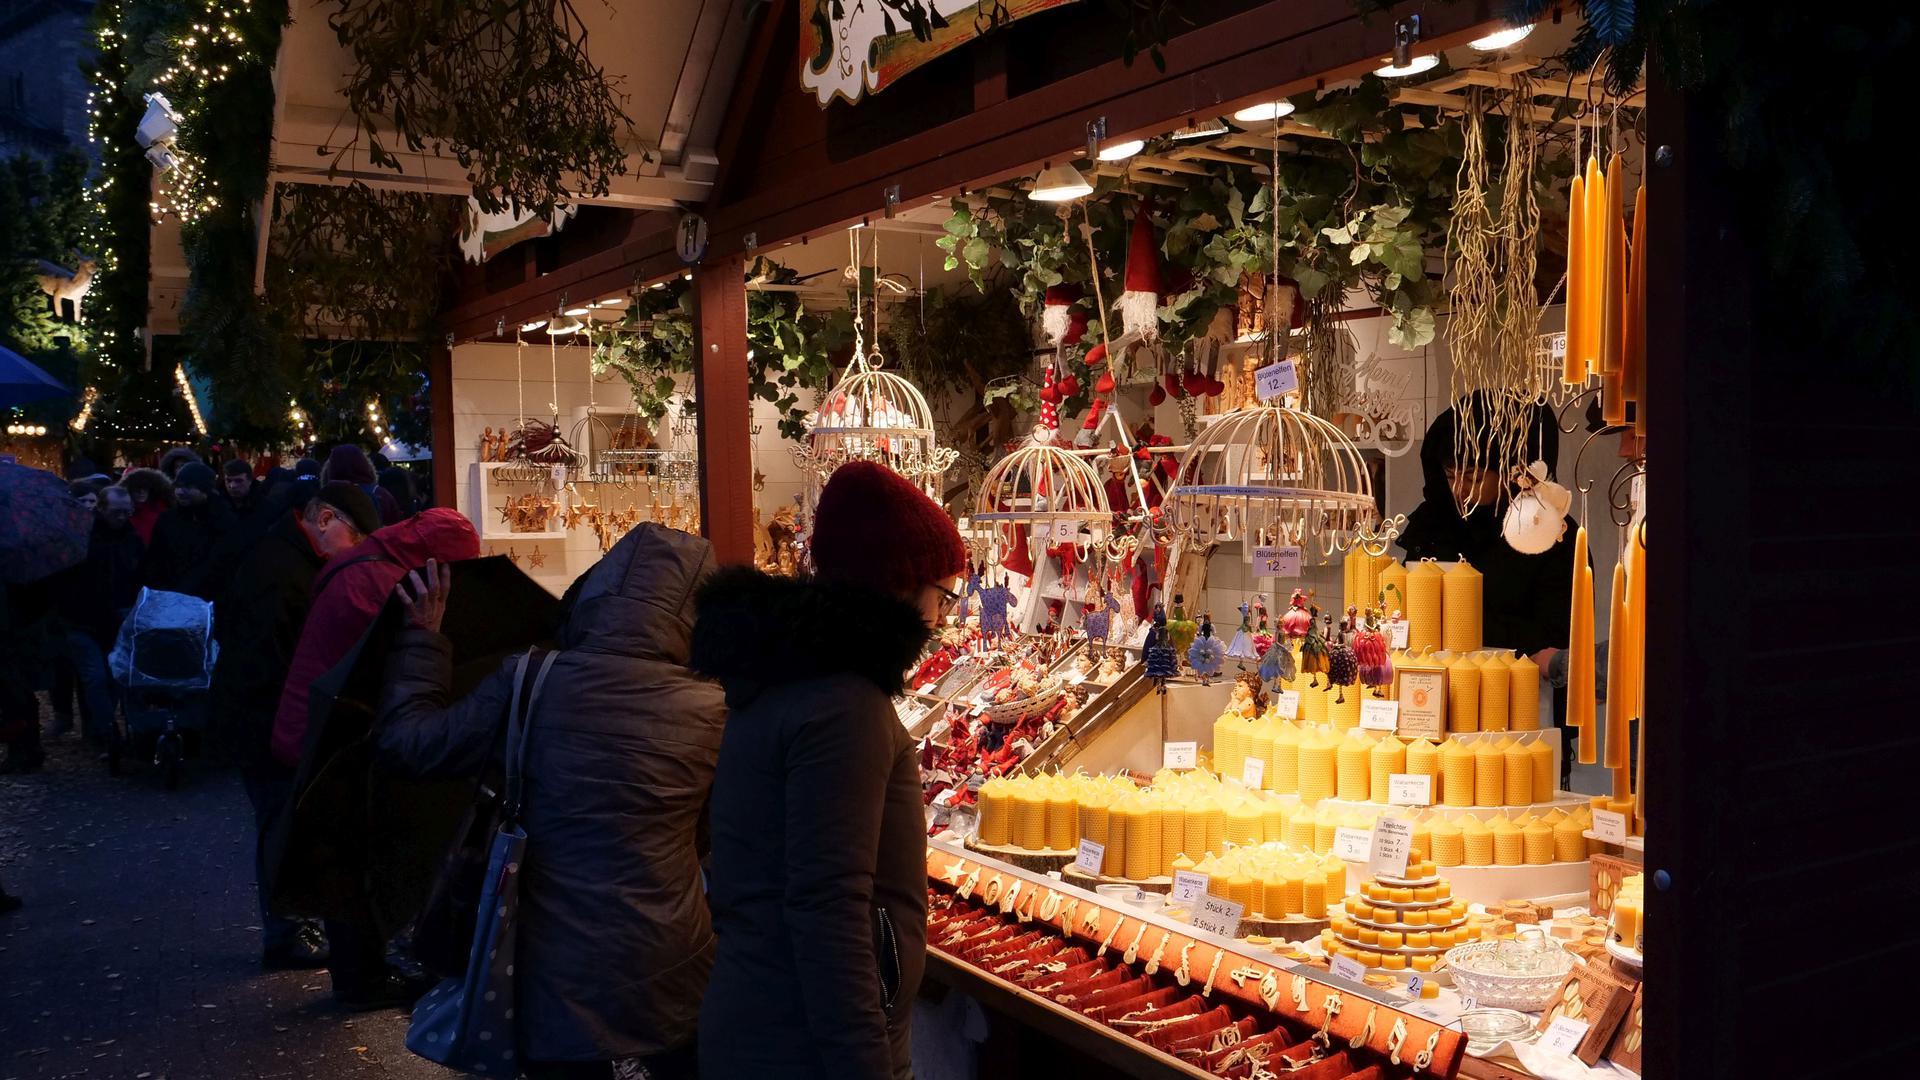 Stimmungsvoll im Advent: Kerzen und Dekorations-Artikel sind Klassiker auf dem Christkindlesmarkt.